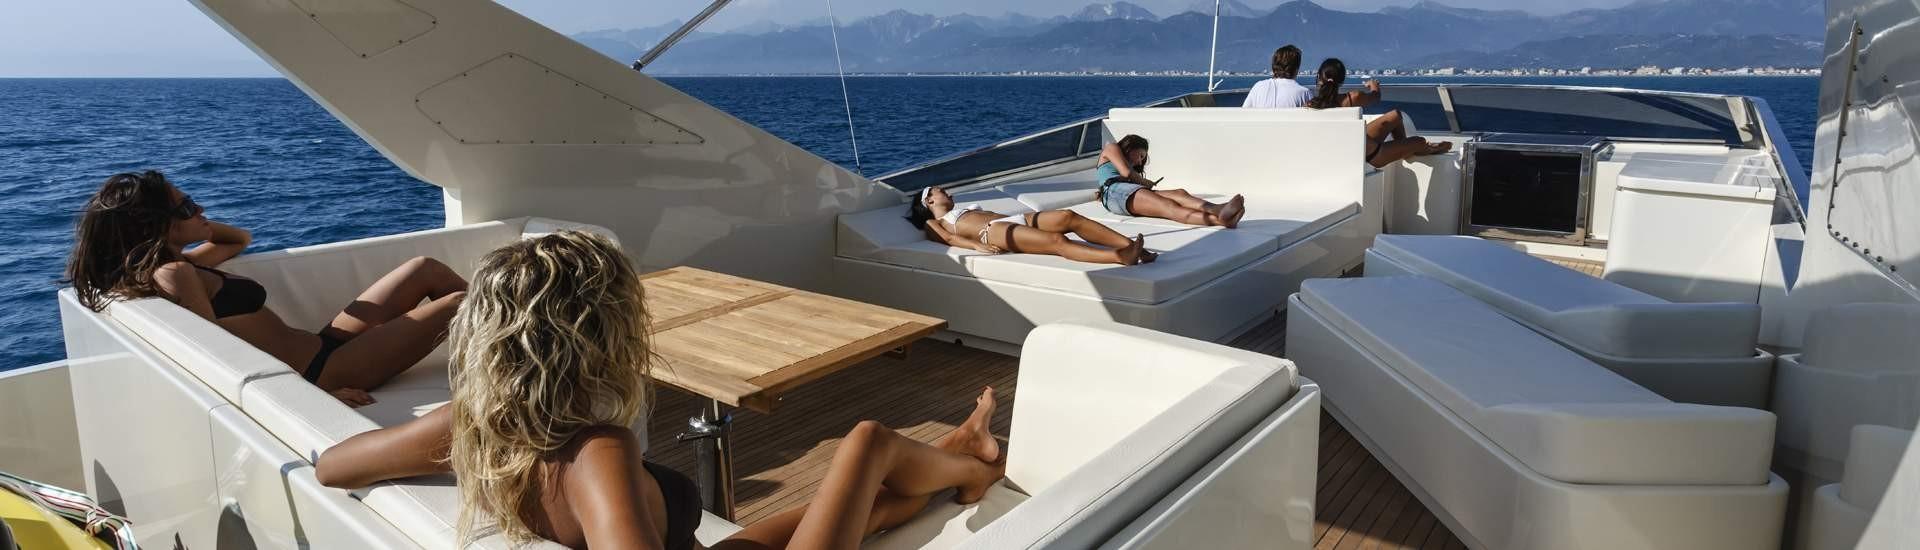 Italy Motor Yacht charter